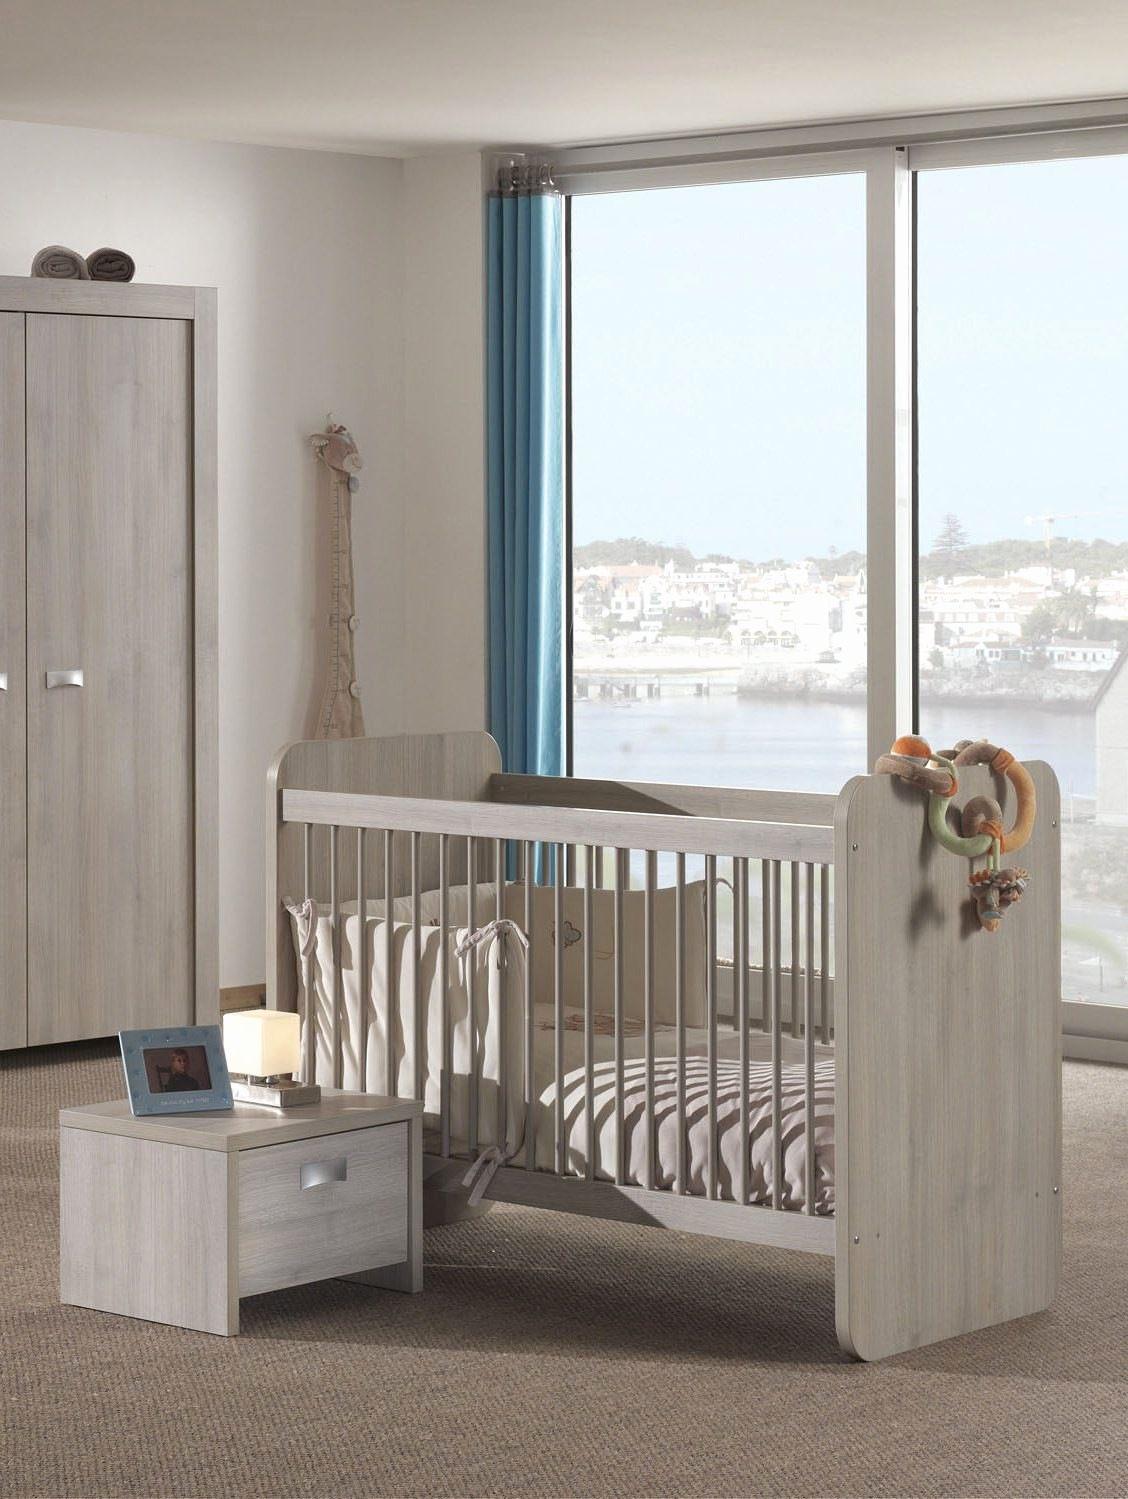 Lit Pour Bébé Impressionnant Lit Bébé Design Matelas Pour Bébé Conception Impressionnante Parc B